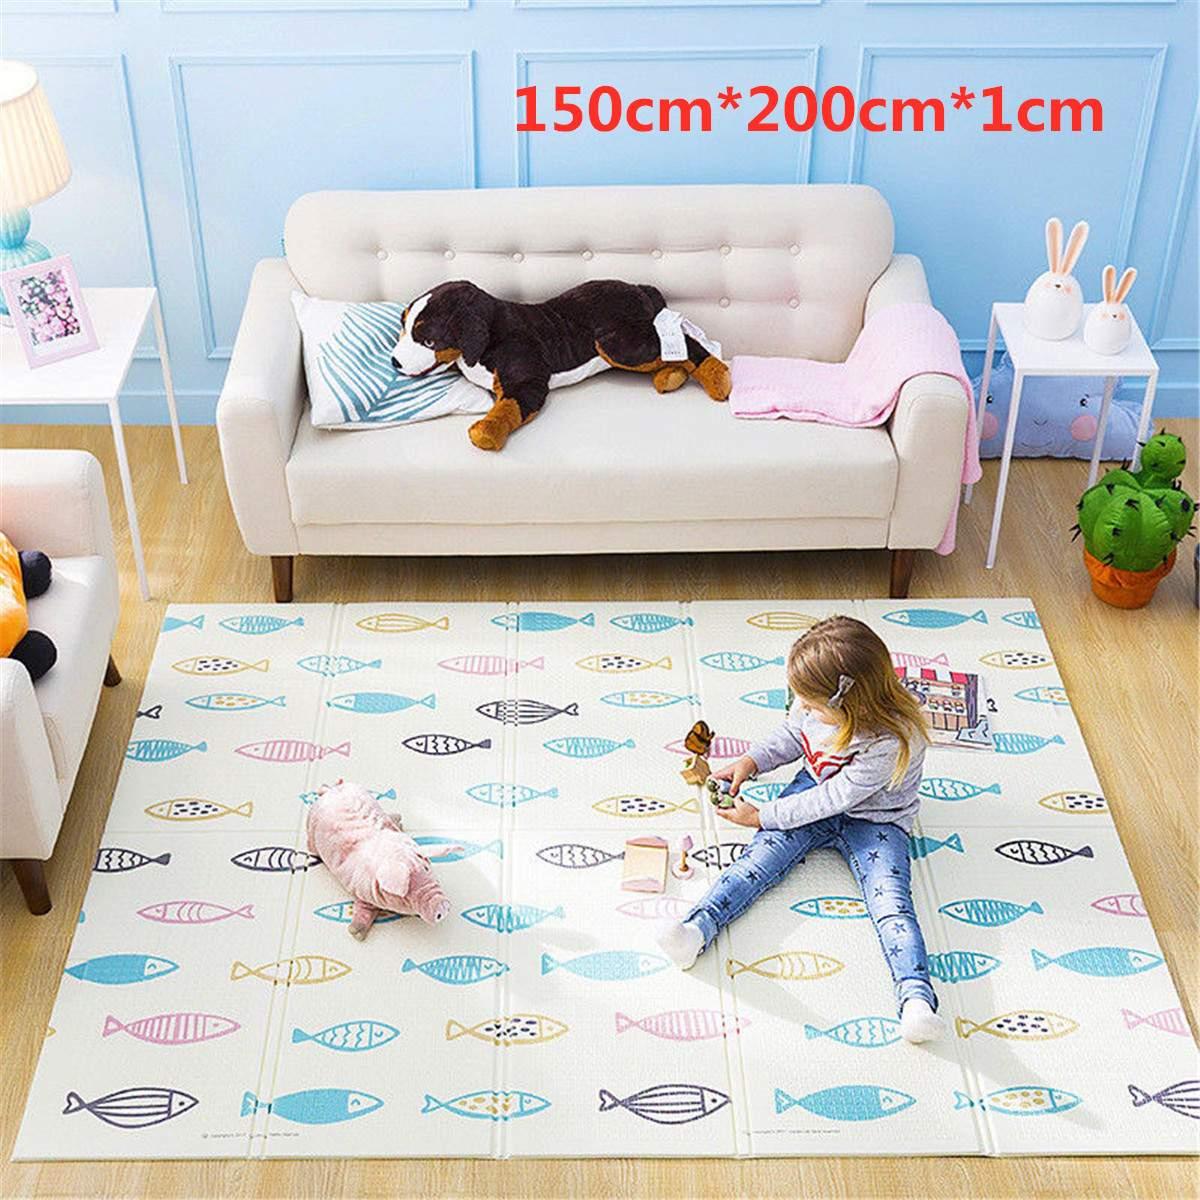 150x200x1 cm imperméable à l'eau pépinière tapis de jeu pliable infantile brillant bébé tapis de jeu enfant tapis de jeu enfants Puzzles tapis